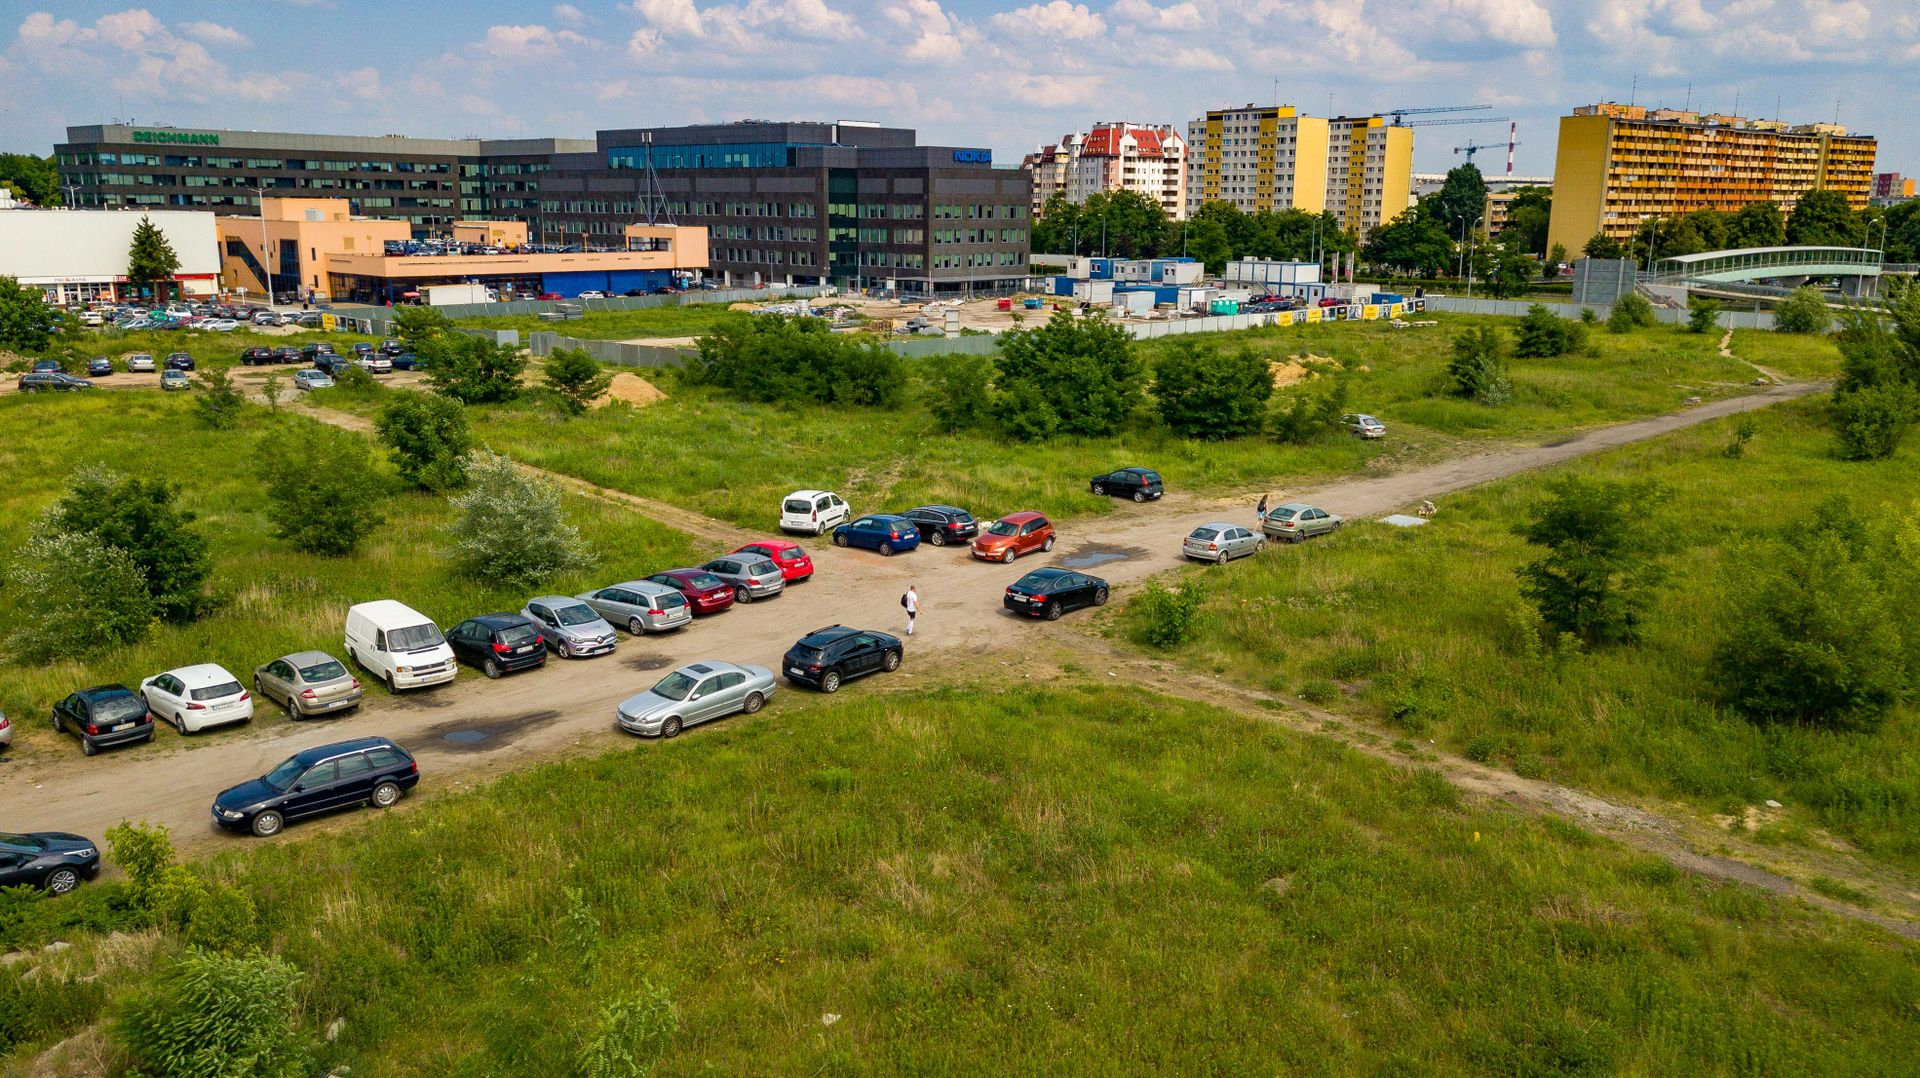 Wrocław: Echo Investment wybuduje trzeci biurowiec na Gądowie Małym. Będzie większy od poprzednich?